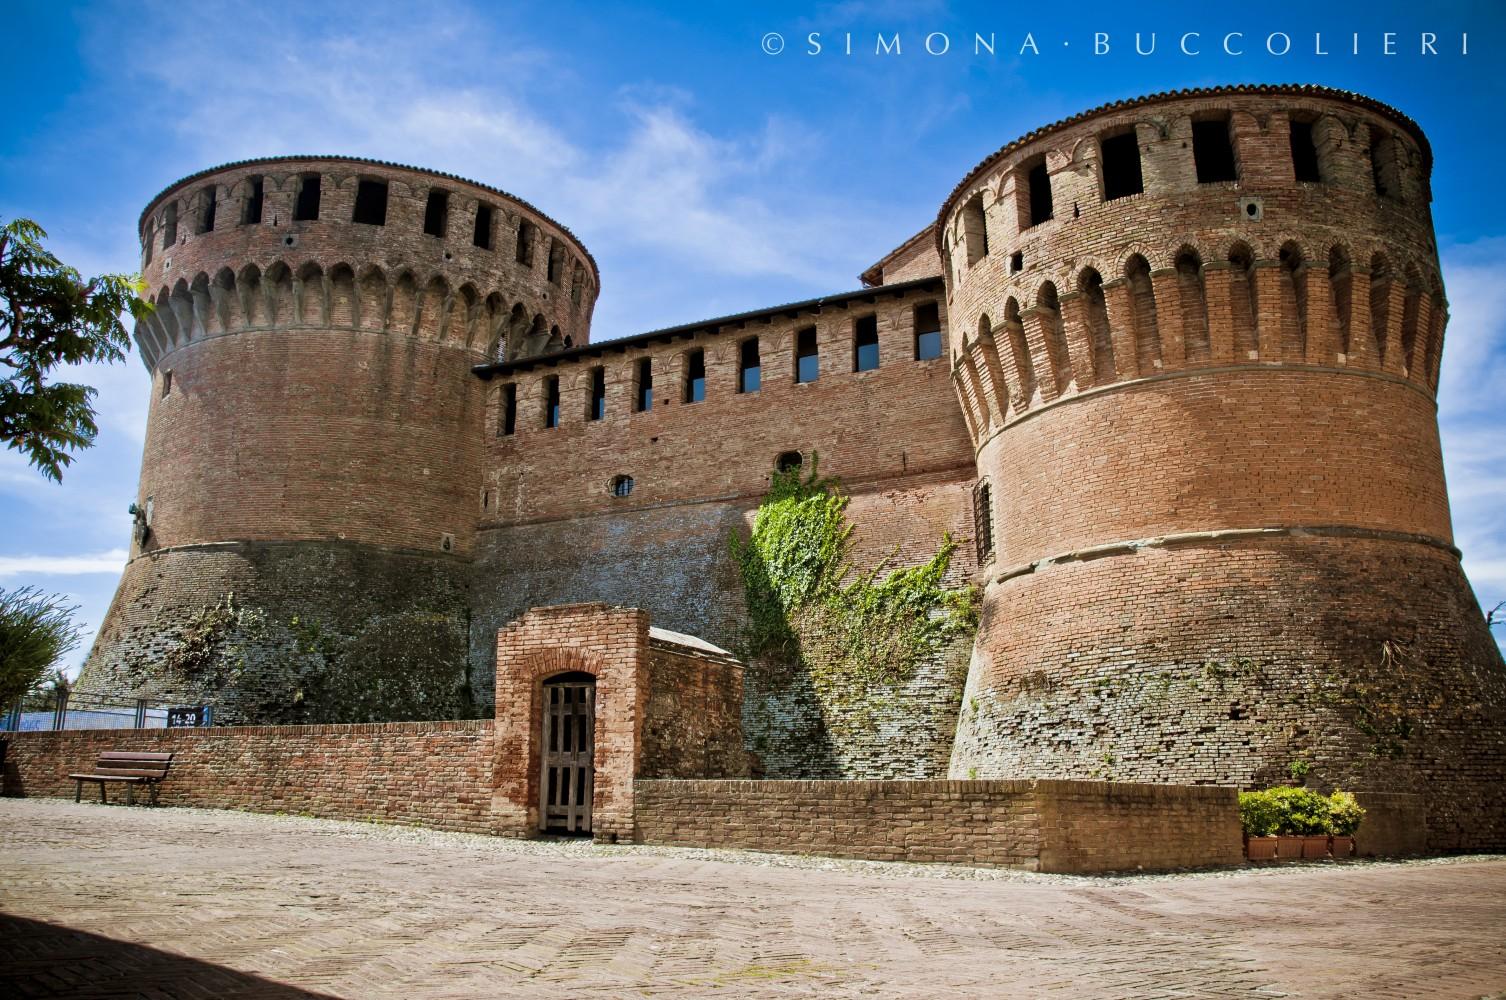 emilia romagna borghi - dozza borgo - rocca WLM 2015 simona_buccolieri